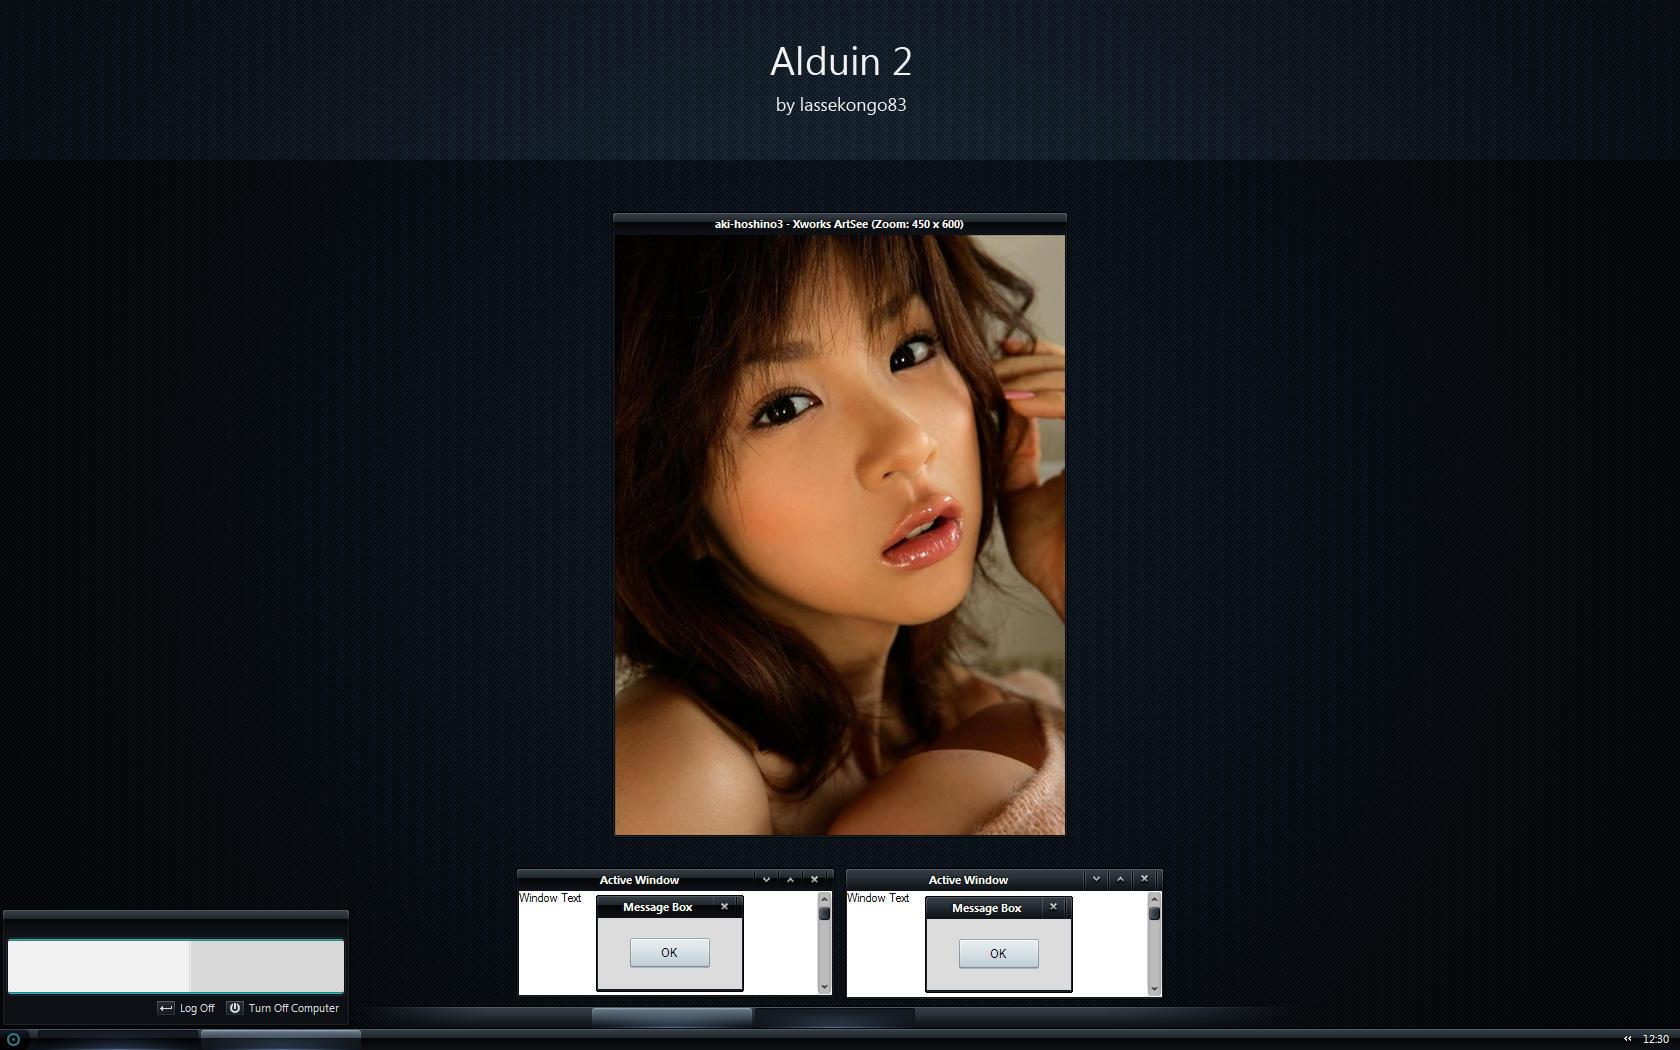 Alduin 2 by lassekongo83